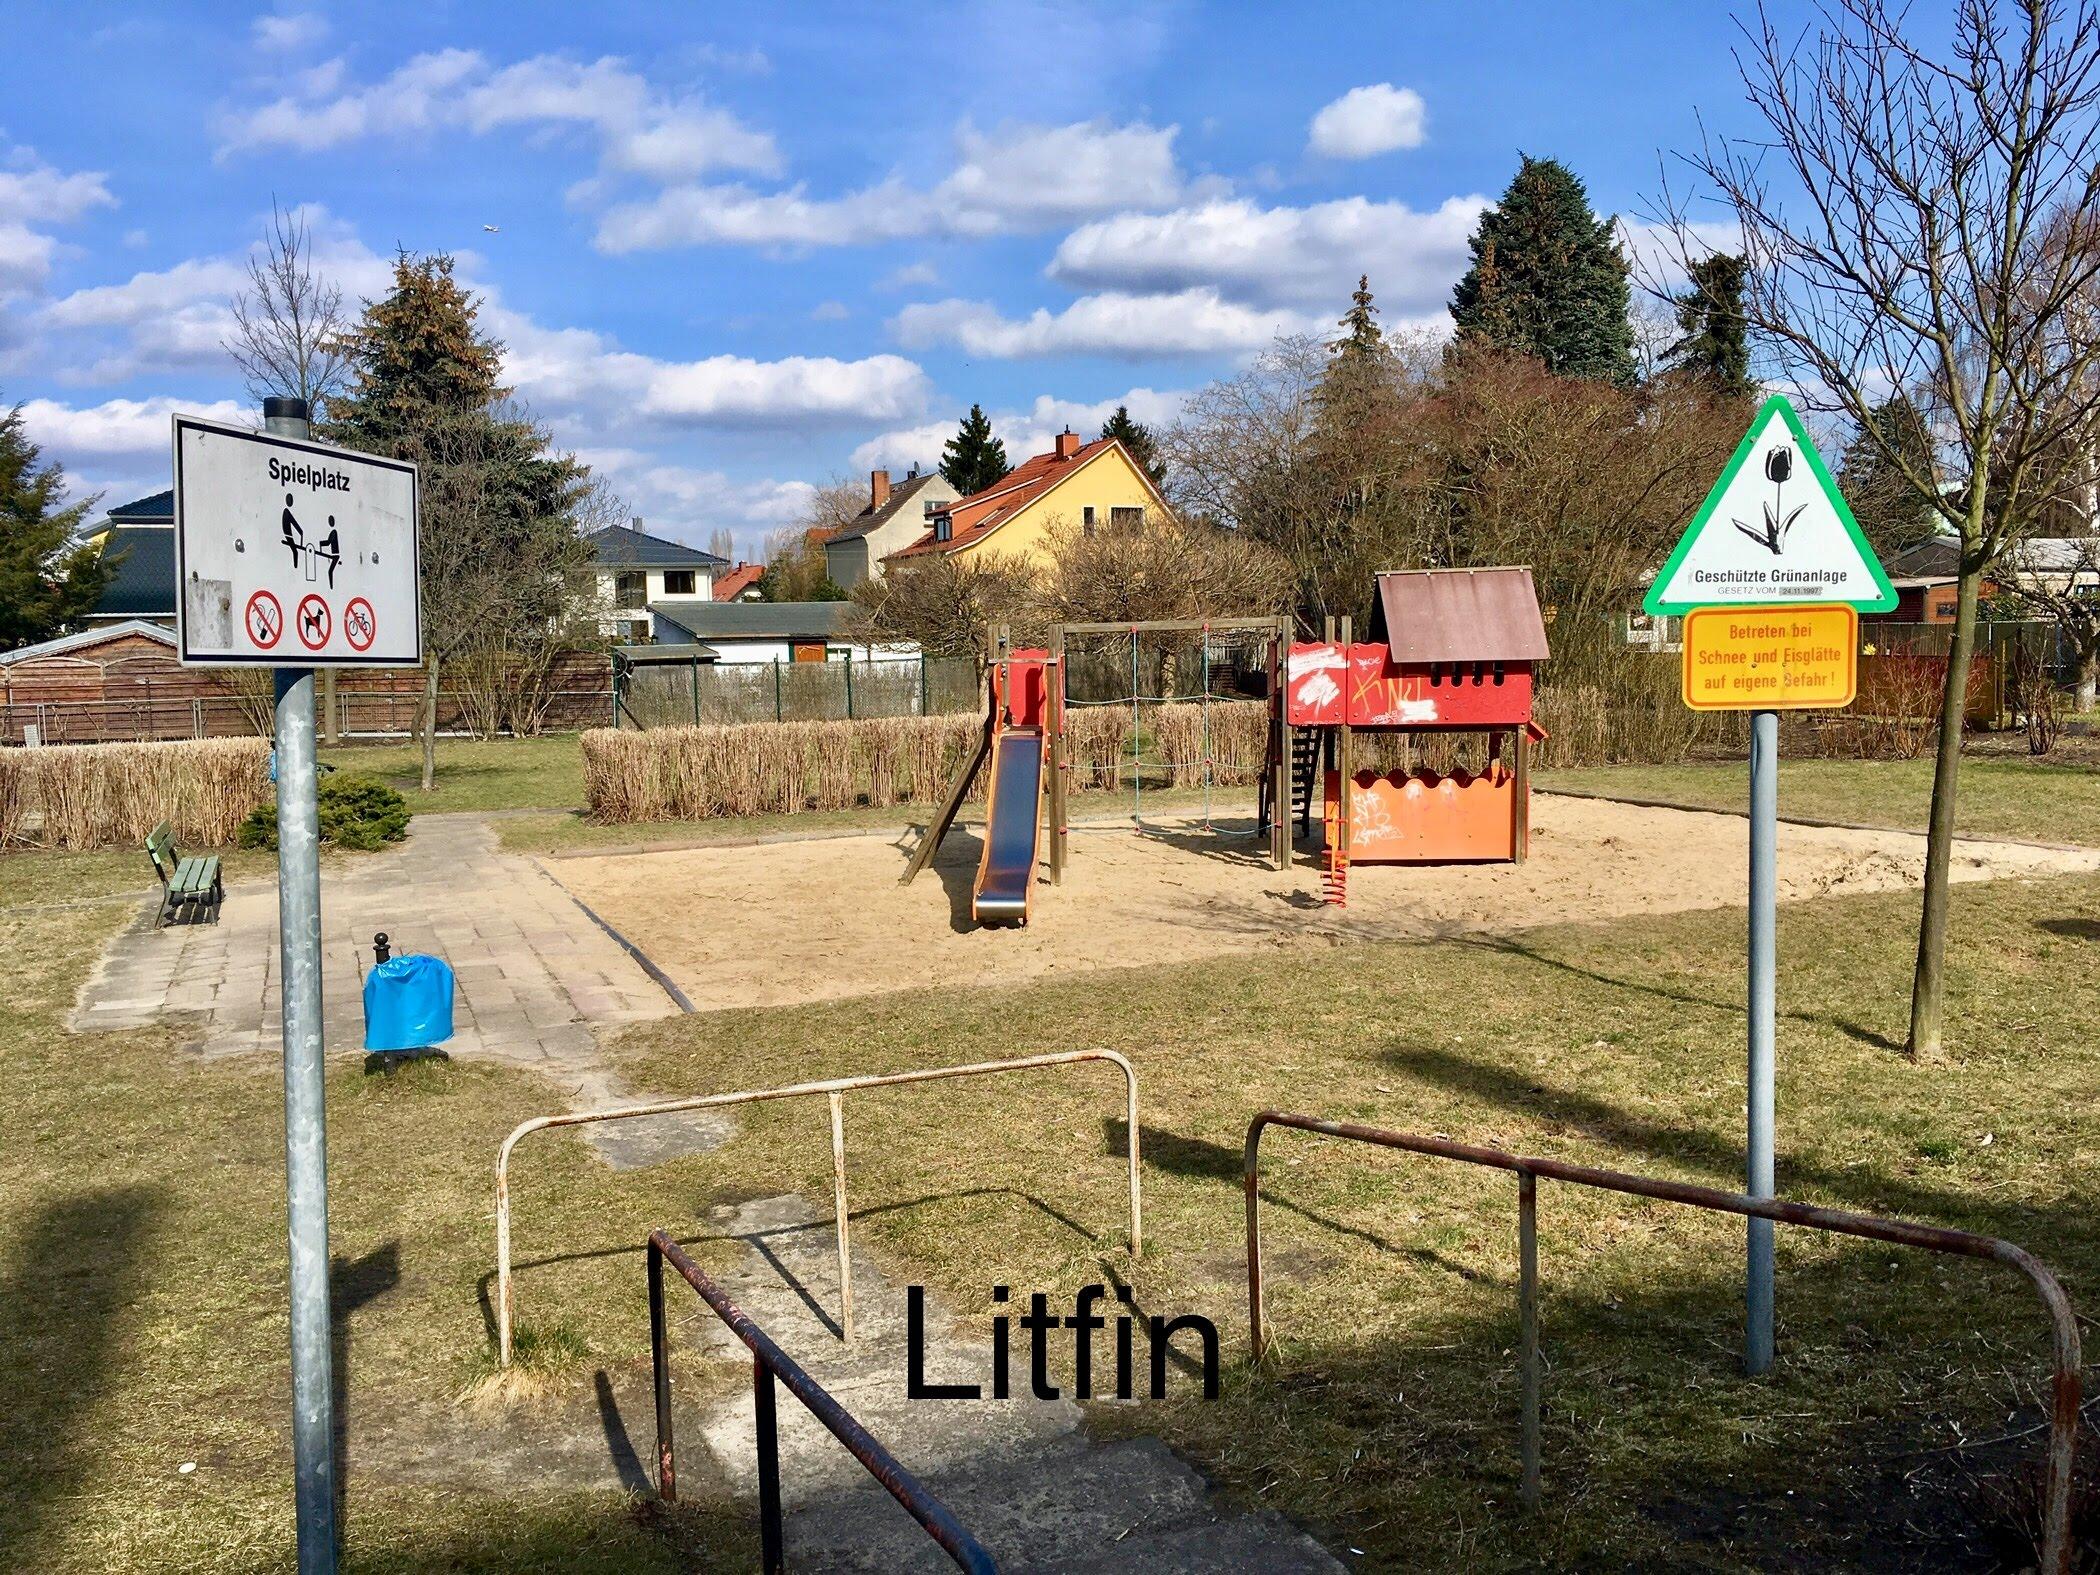 Kinderspielplatz Günter-Ltfin-Straße am 02.04.2018,  Foto: Scholz